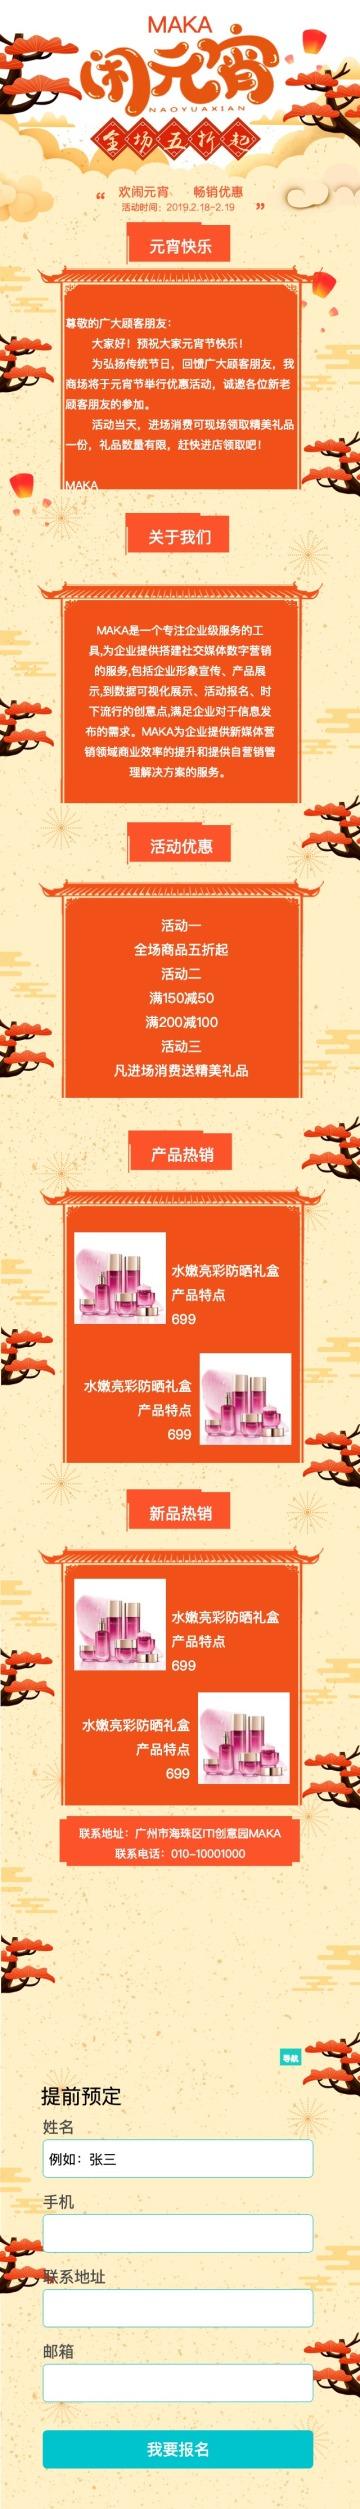 元宵节中国风商店电商产品促销宣传推广落地单页